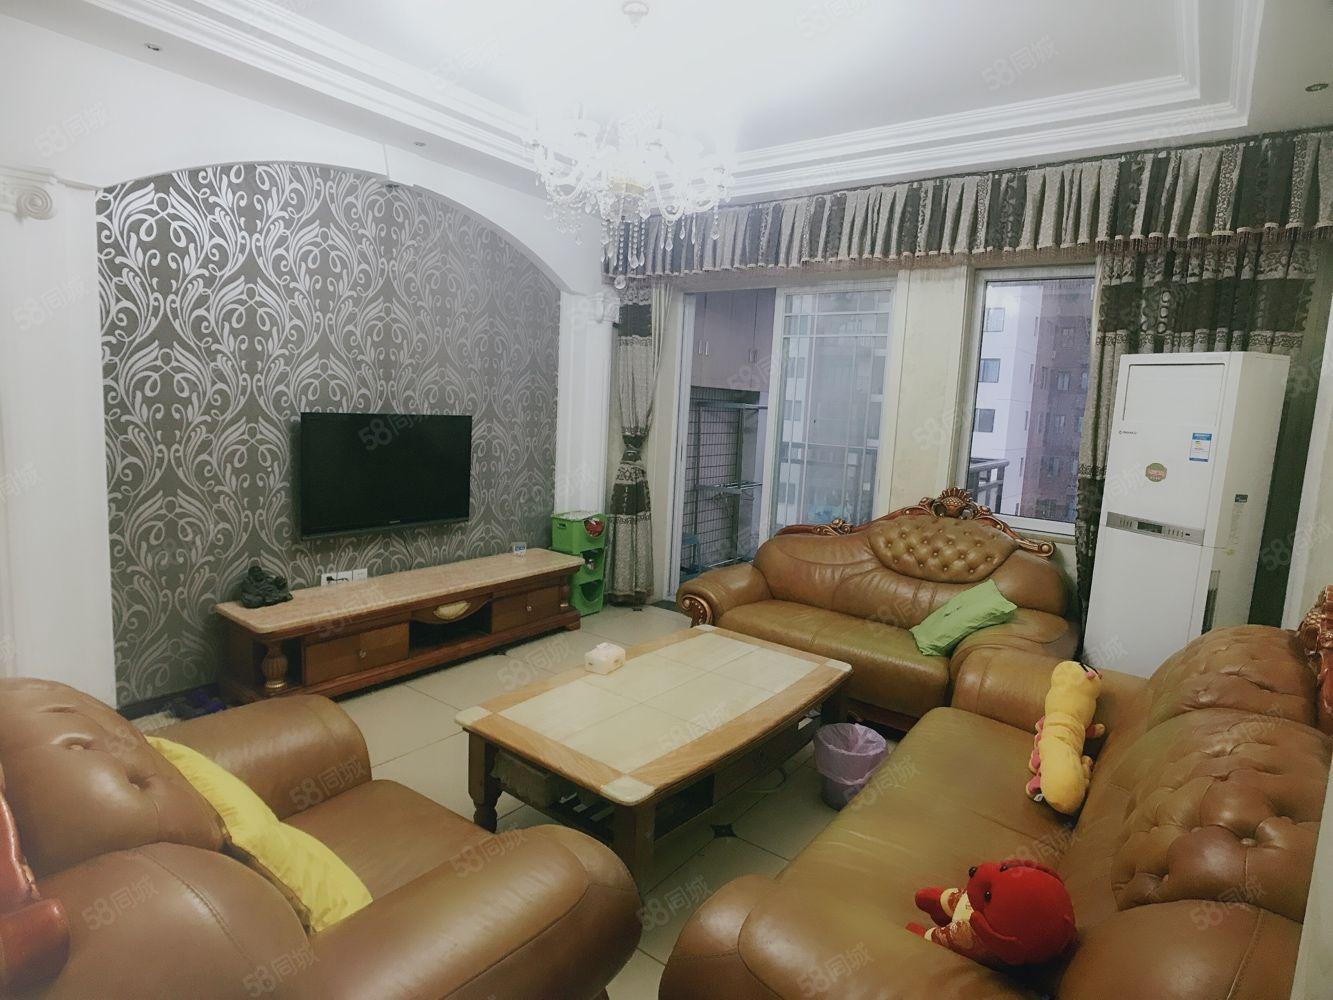 安成湖畔佳梦,豪华装修,地段优势,孩子就读于南滨路小学